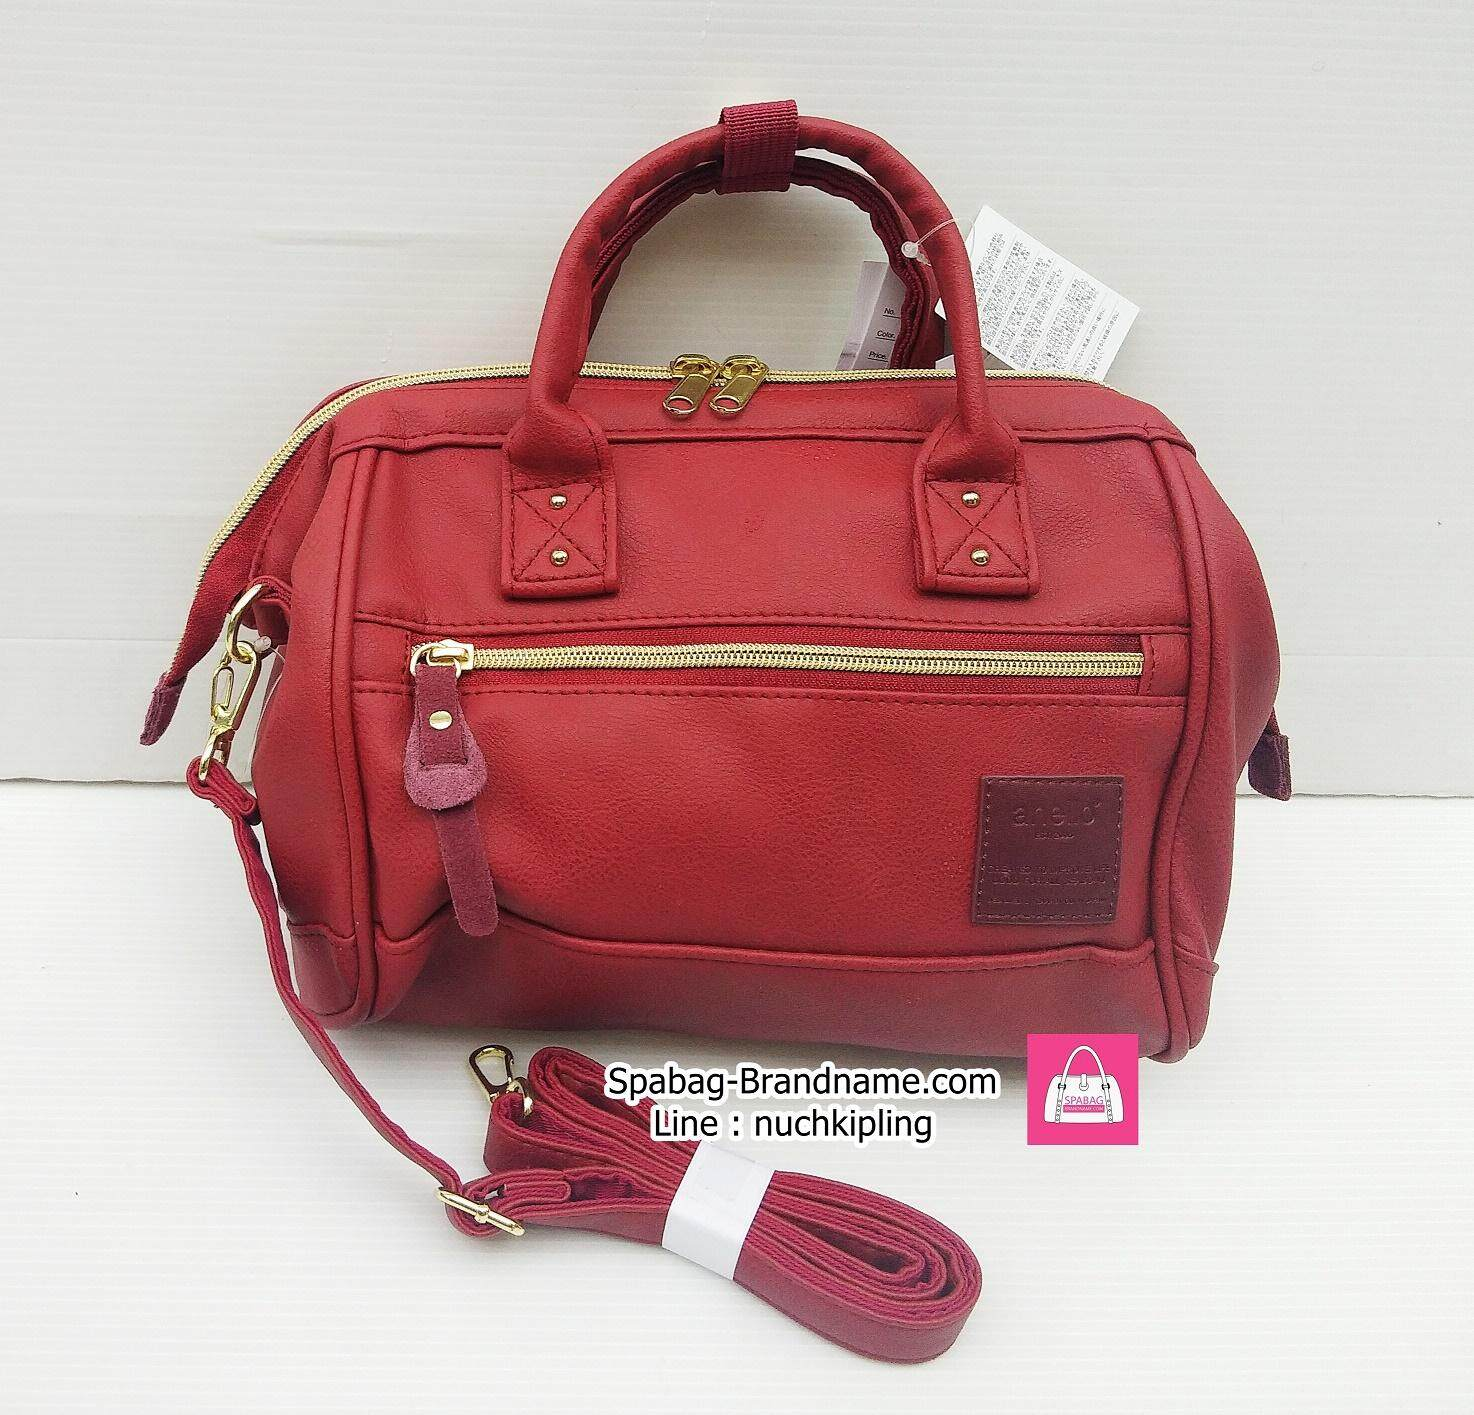 ยี่ห้อไหนดี  นครสวรรค์ กระเป๋าของแท้ Anello Mini 2way Boston Red